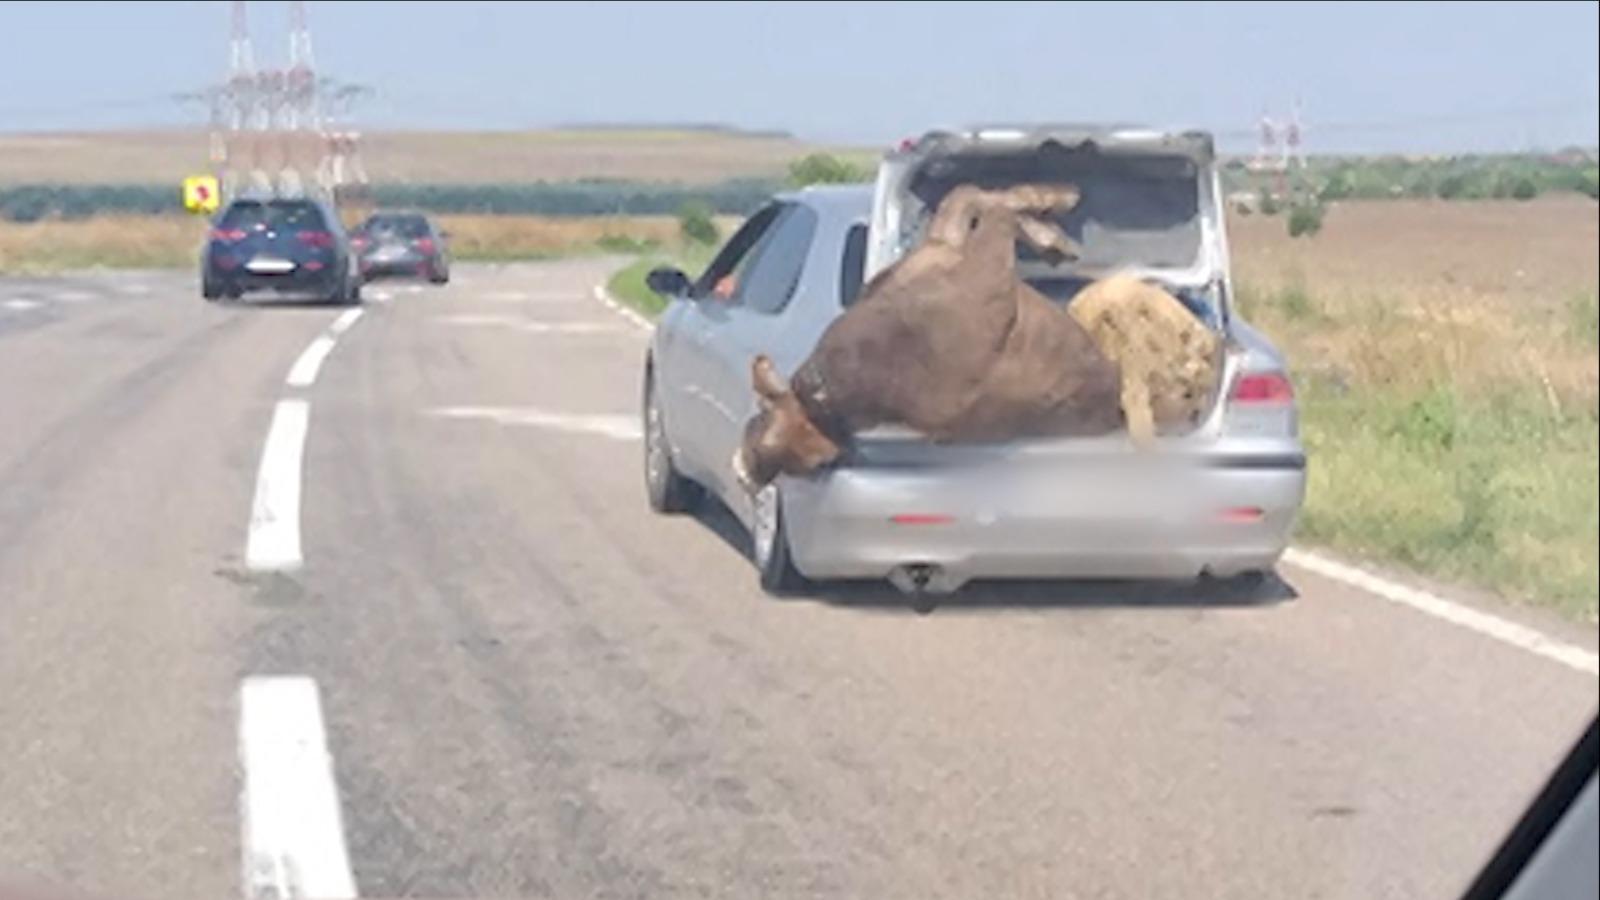 Șofer surprins pe o șosea din Prahova cu o vacă și o oaie în portbagaj